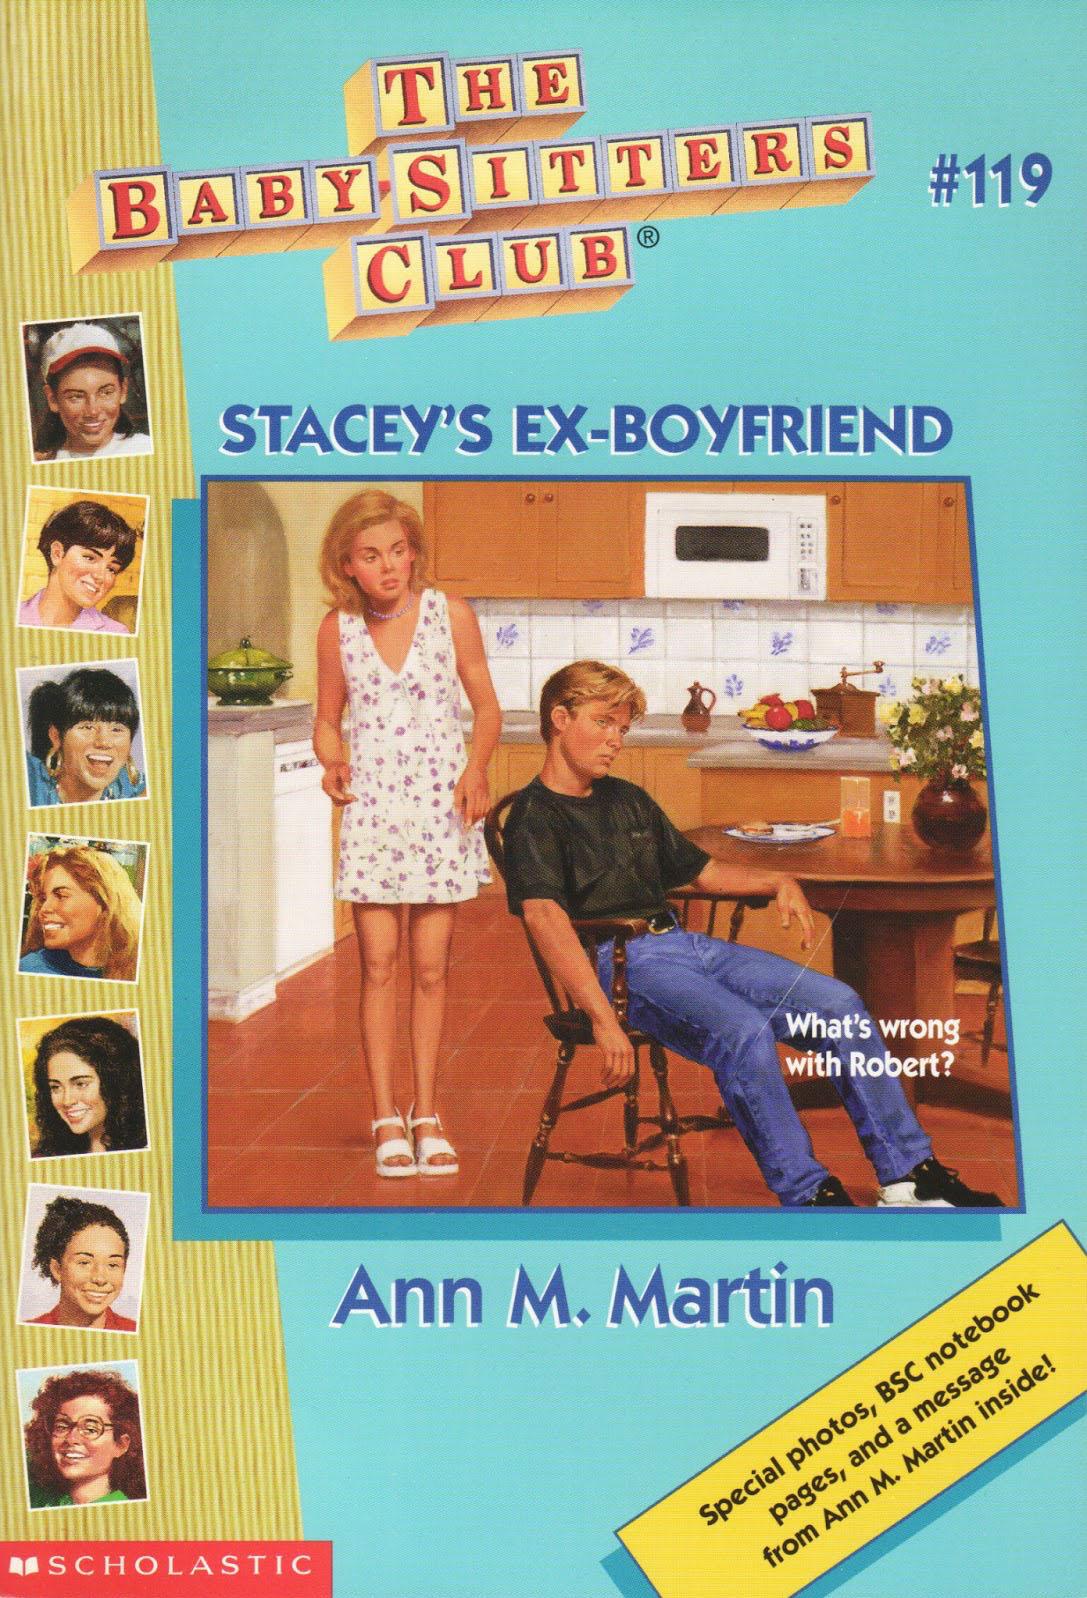 Stacey's Ex-Boyfriend